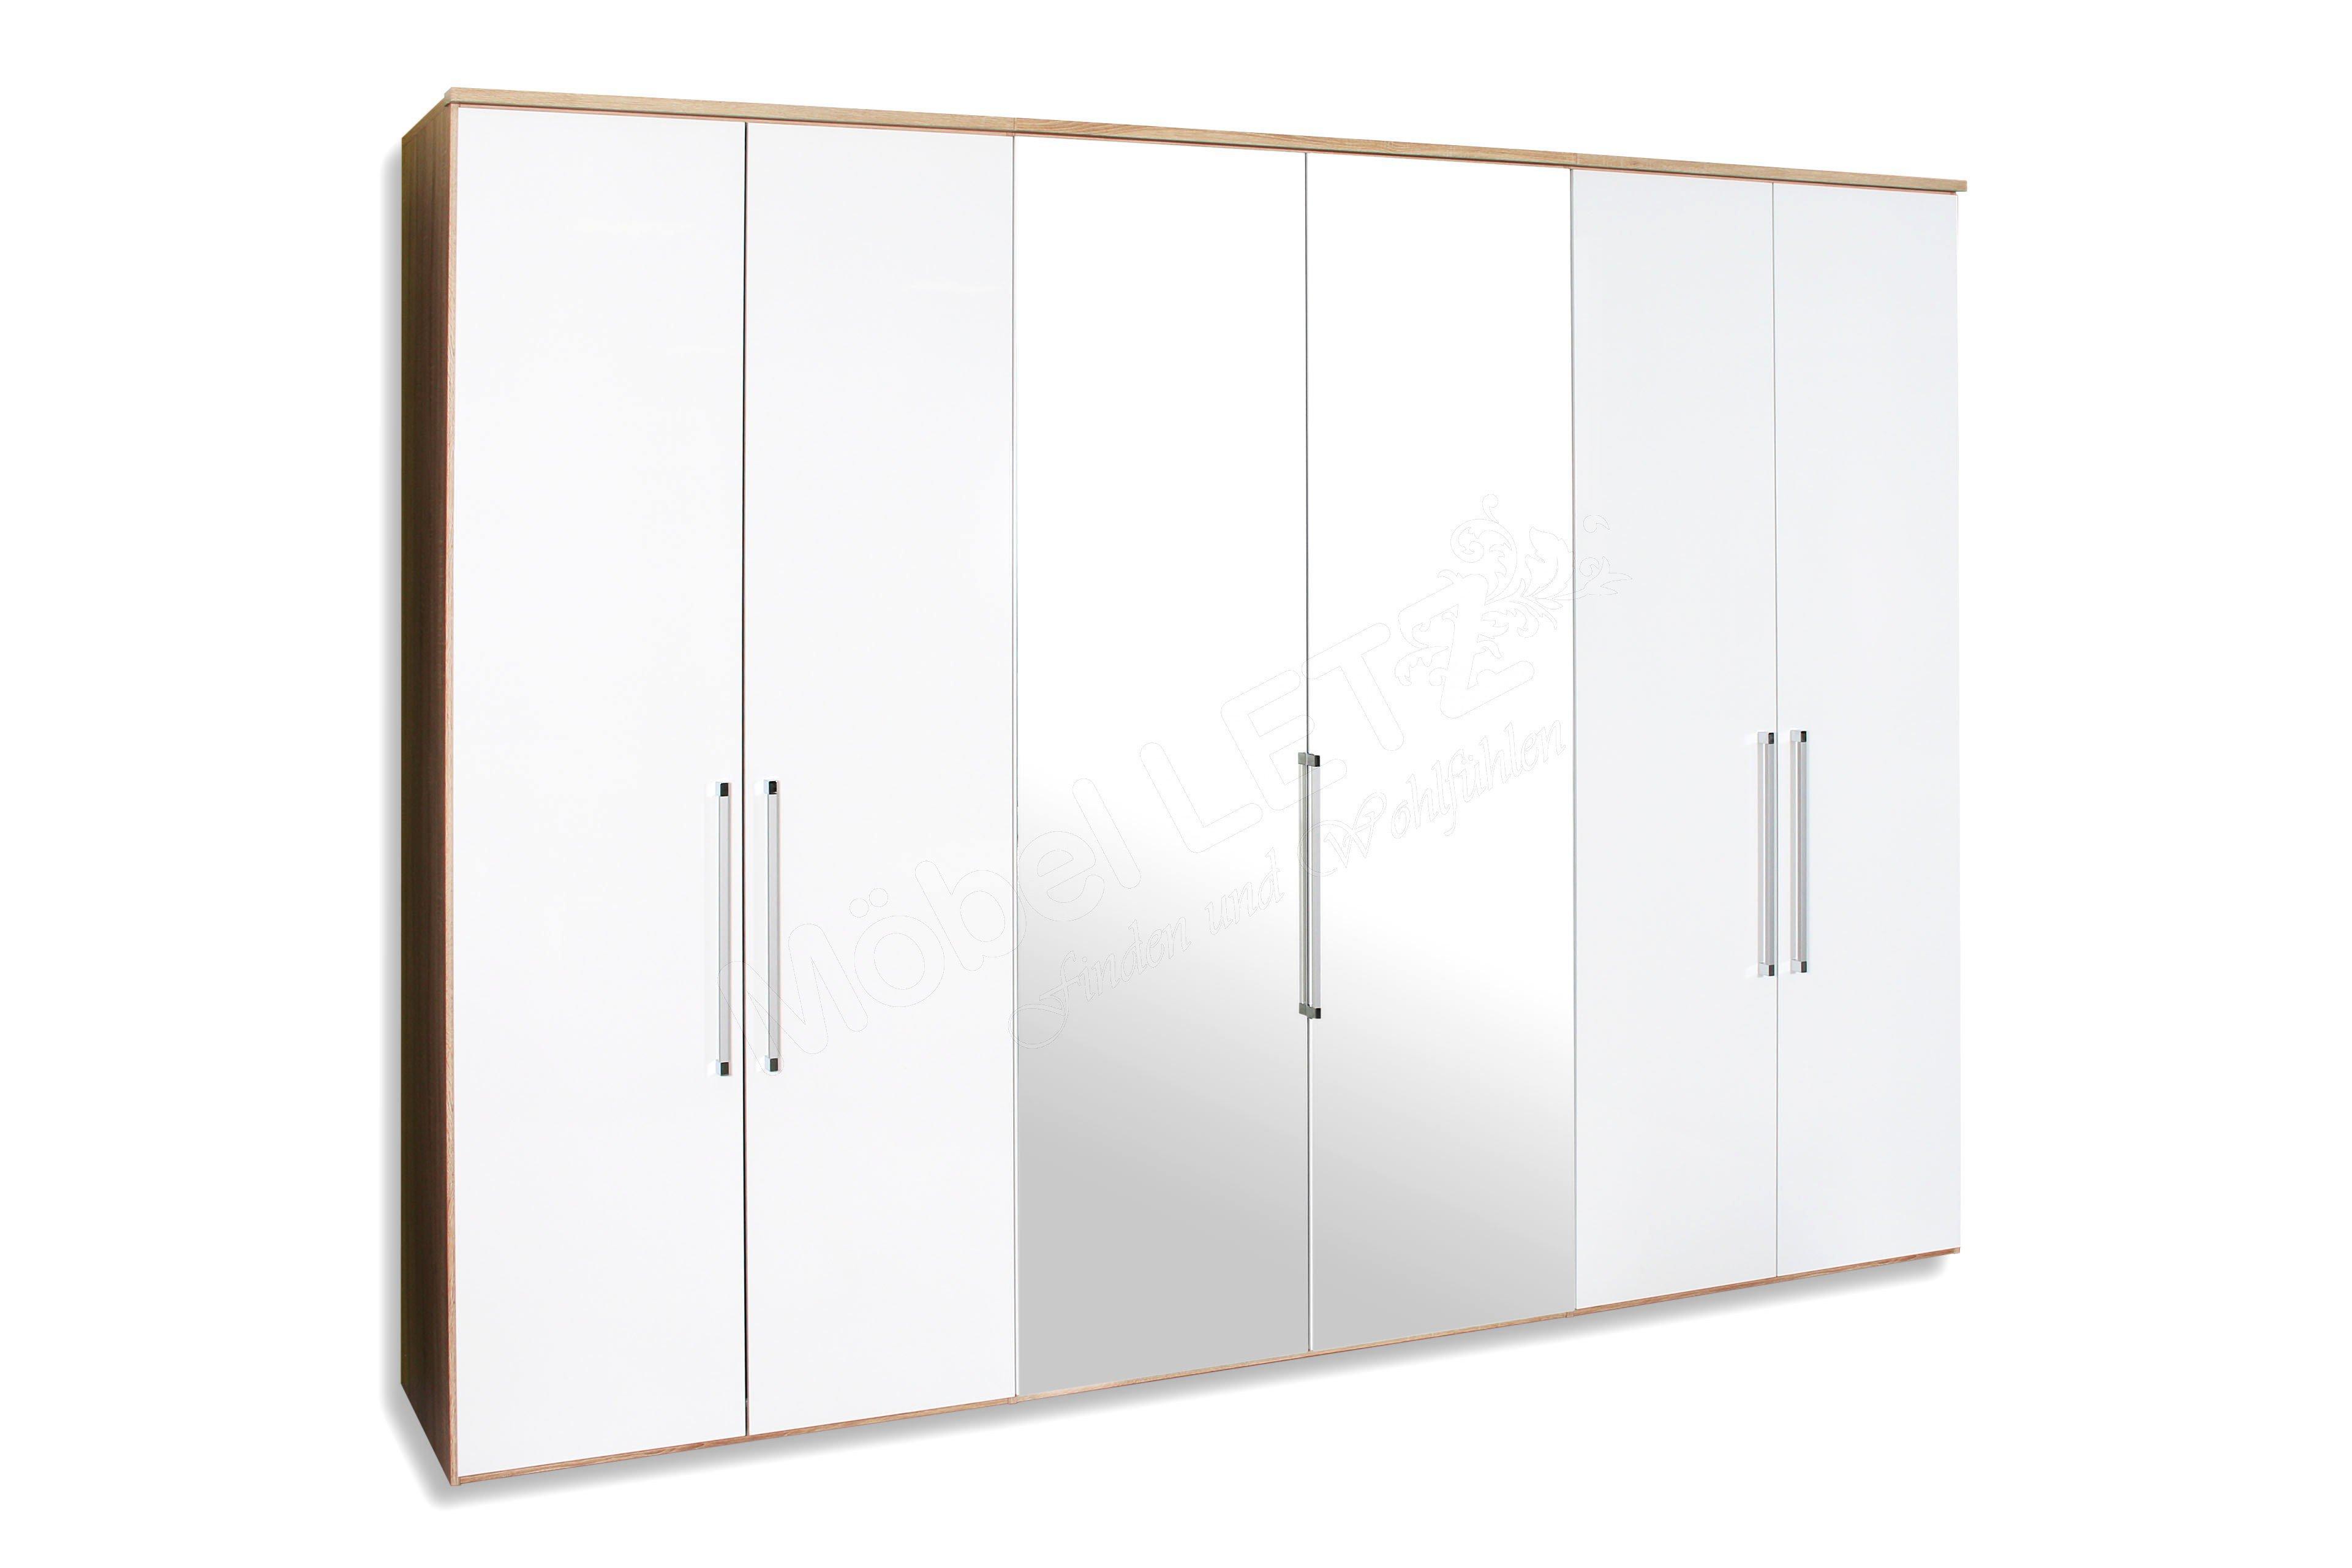 Nolte Horizont 8000 Kleiderschrank ca. 320 cm breit   Möbel Letz   Ihr Online Shop